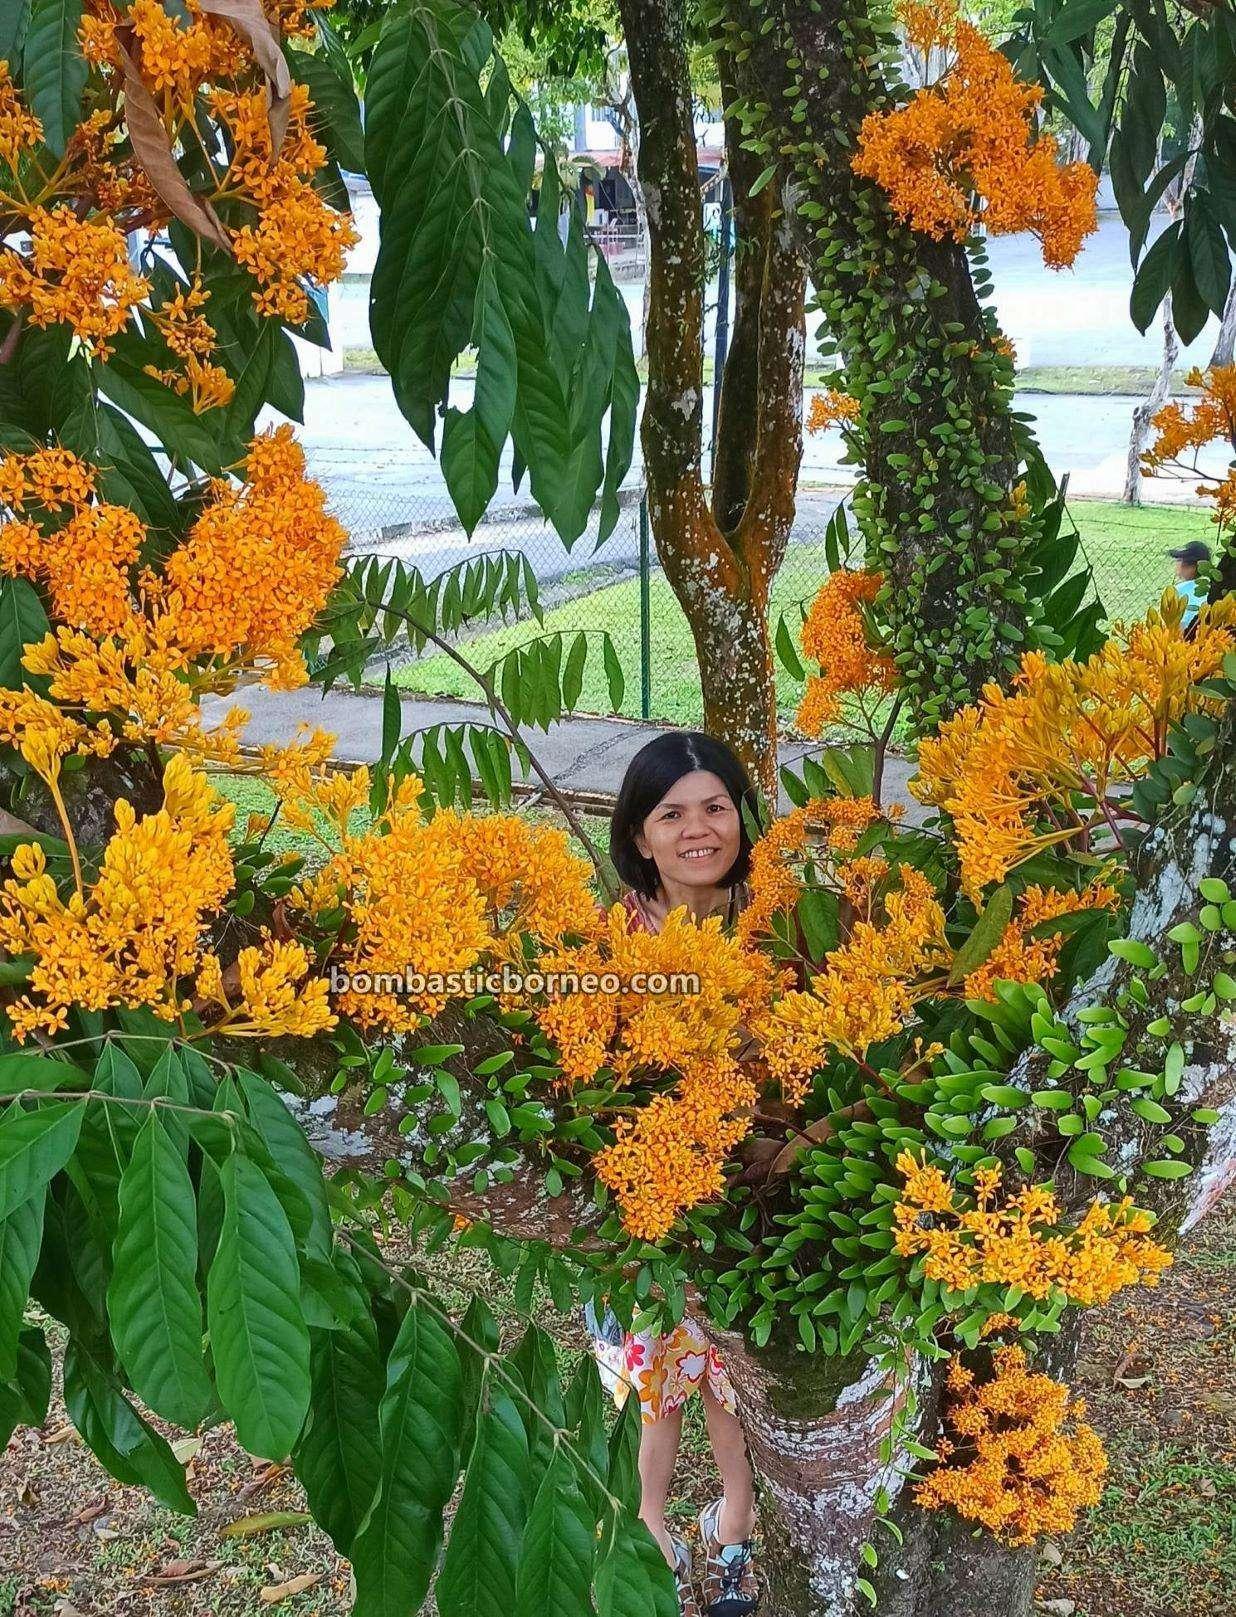 blooming, spring, Majlis Bandaraya Kuching Selatan, nature, outdoor, jogging, tempat senaman, Sarawak, Malaysia, Tourism, tourist attraction, travel local, 探索婆罗洲游踪, 马来西亚砂拉越, 古晋南市跑步公园,